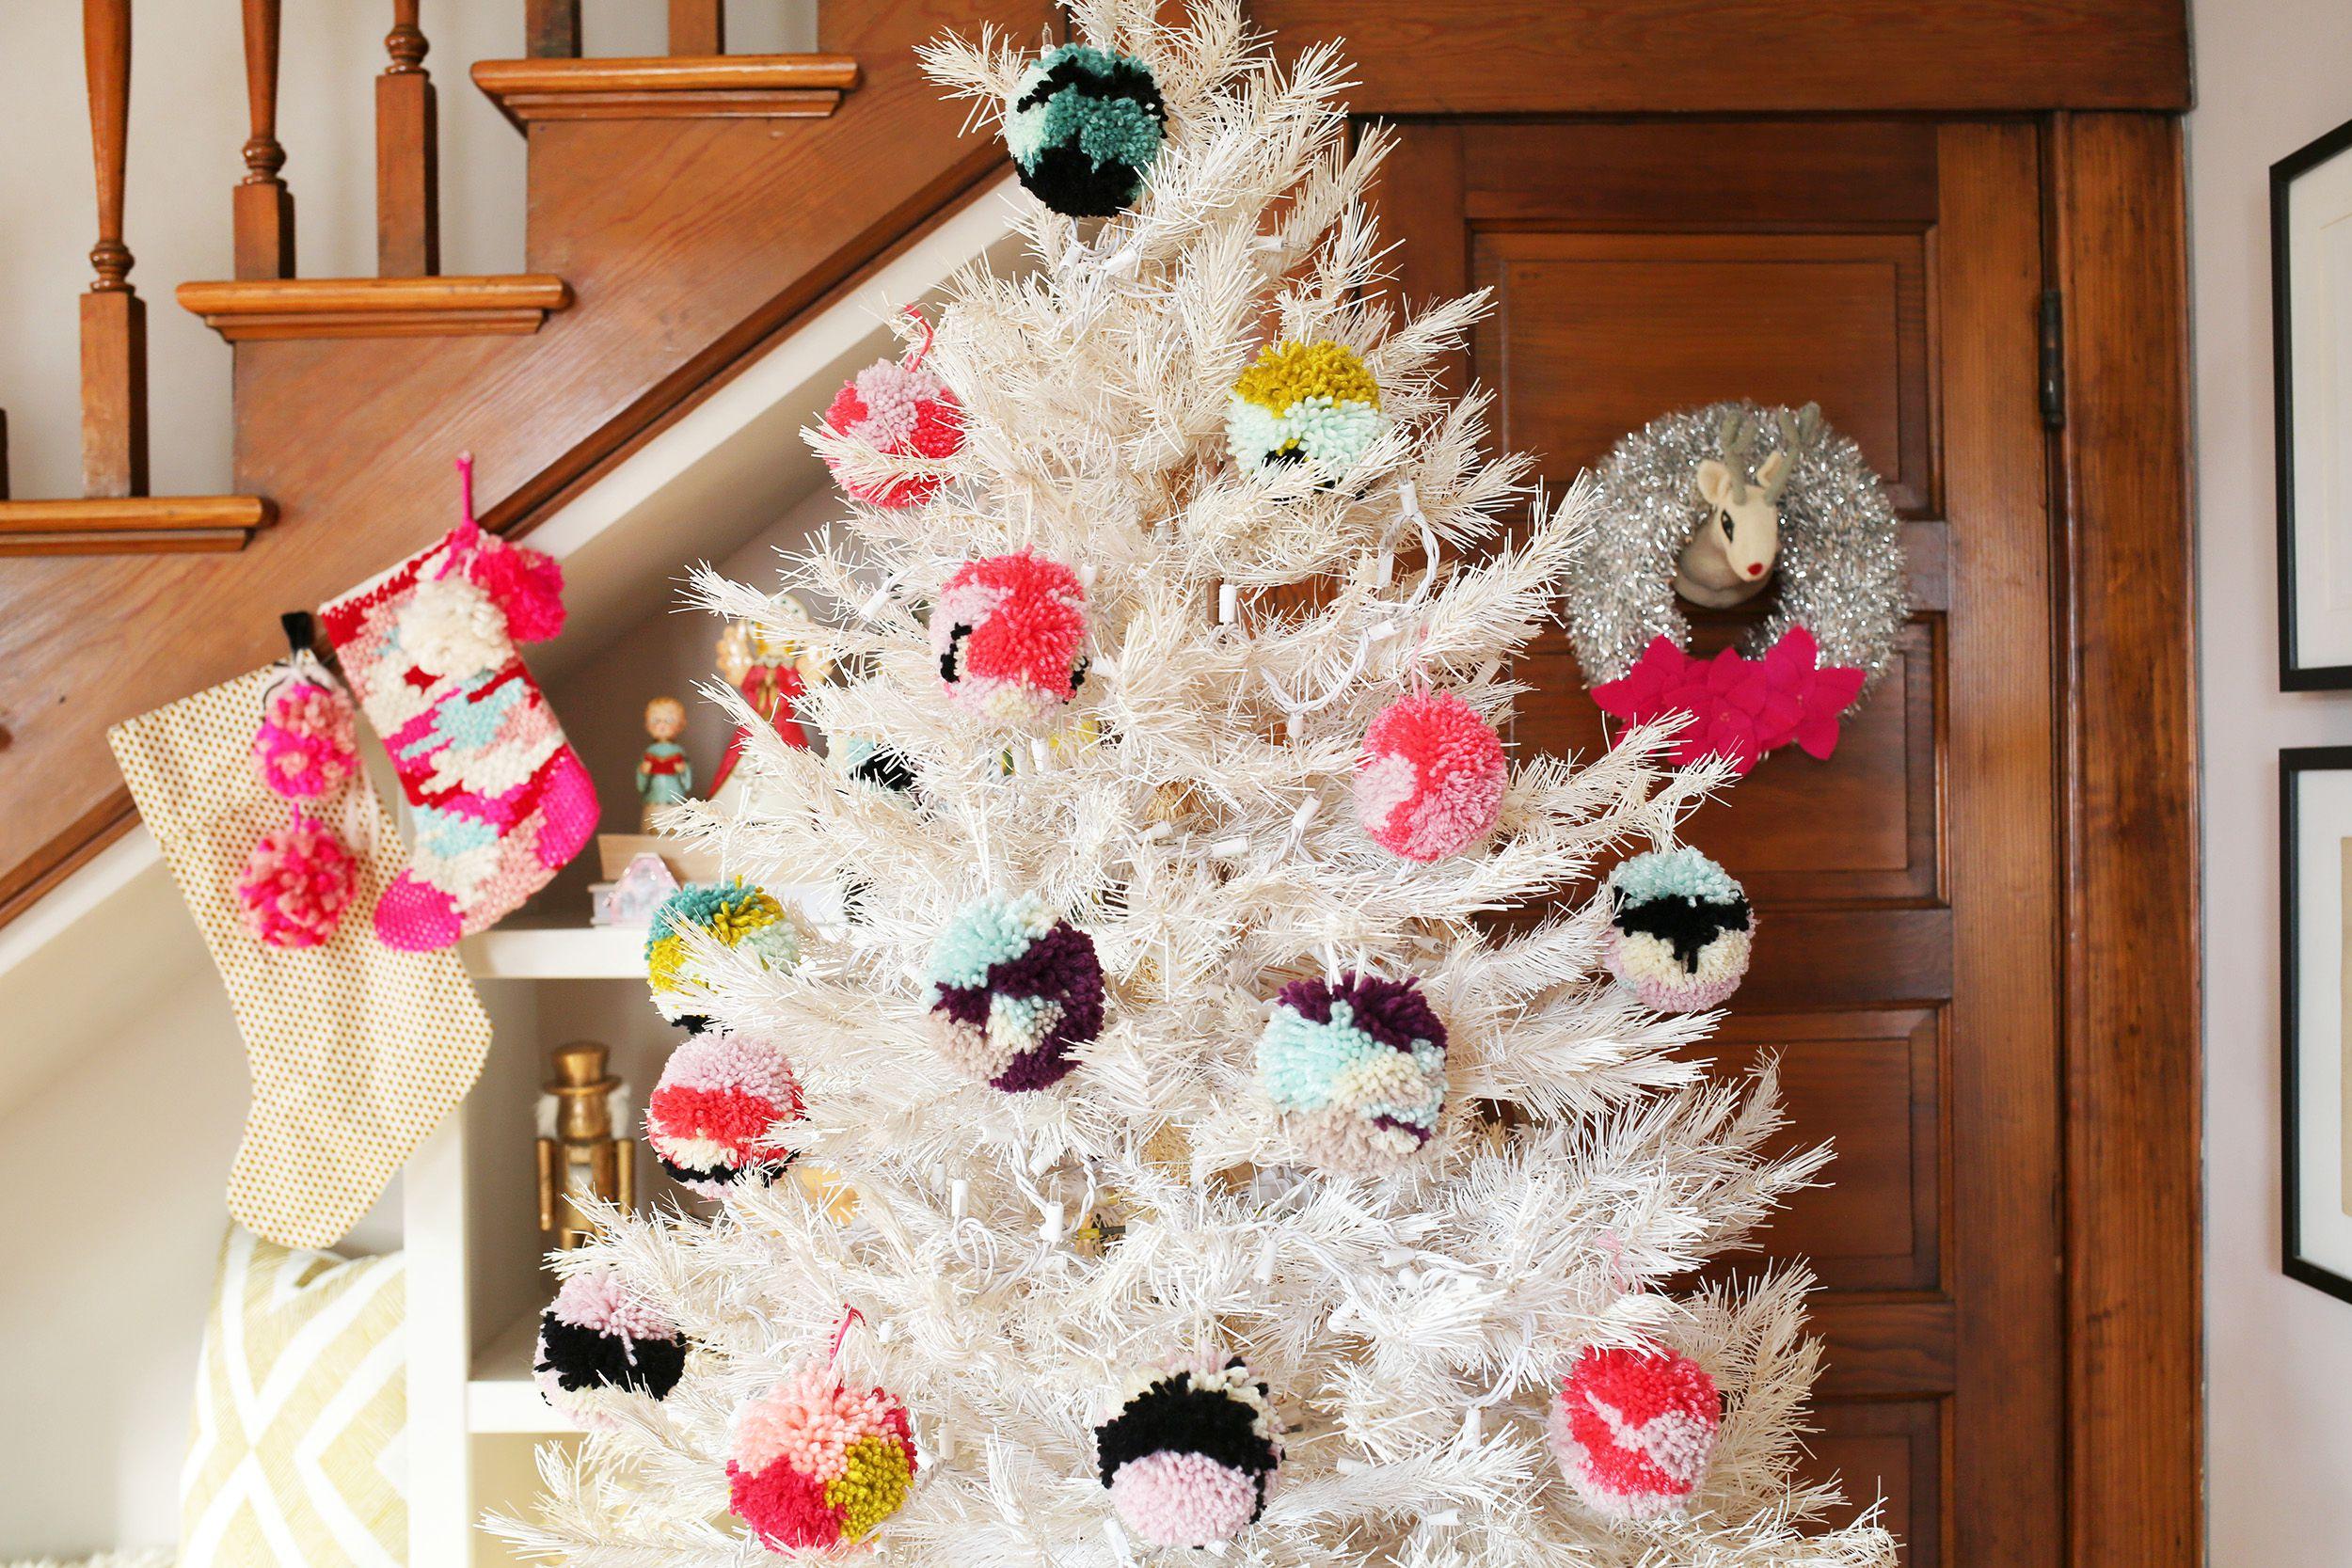 Árbol de Navidad blanco con adornos de pompones cerca de escaleras de madera